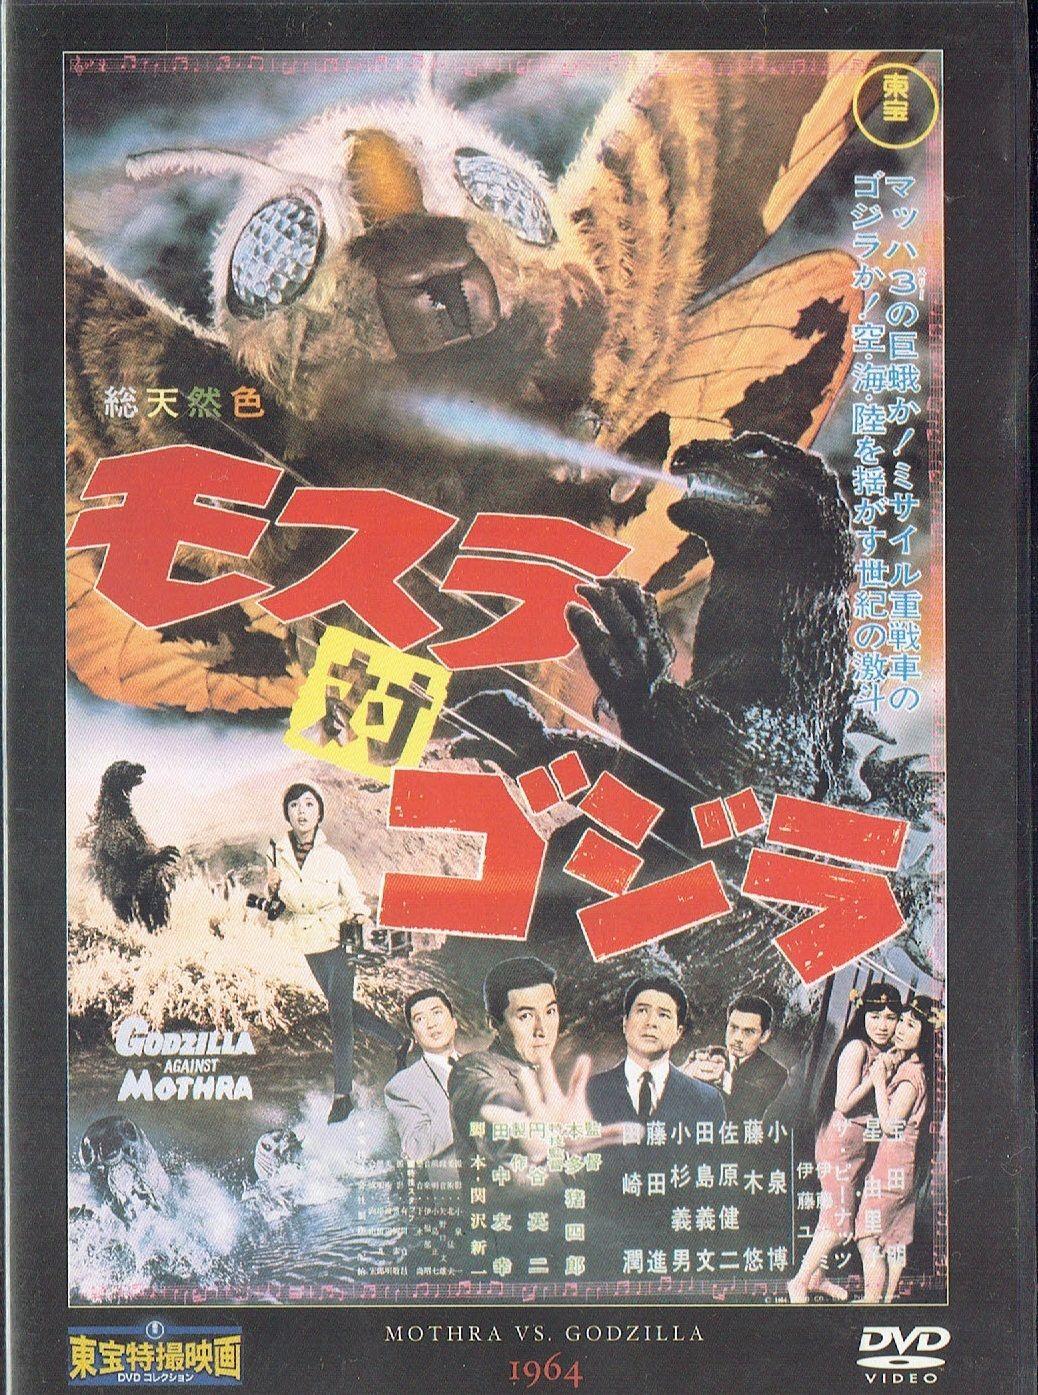 東宝 モスラ対ゴジラ DVD 単品